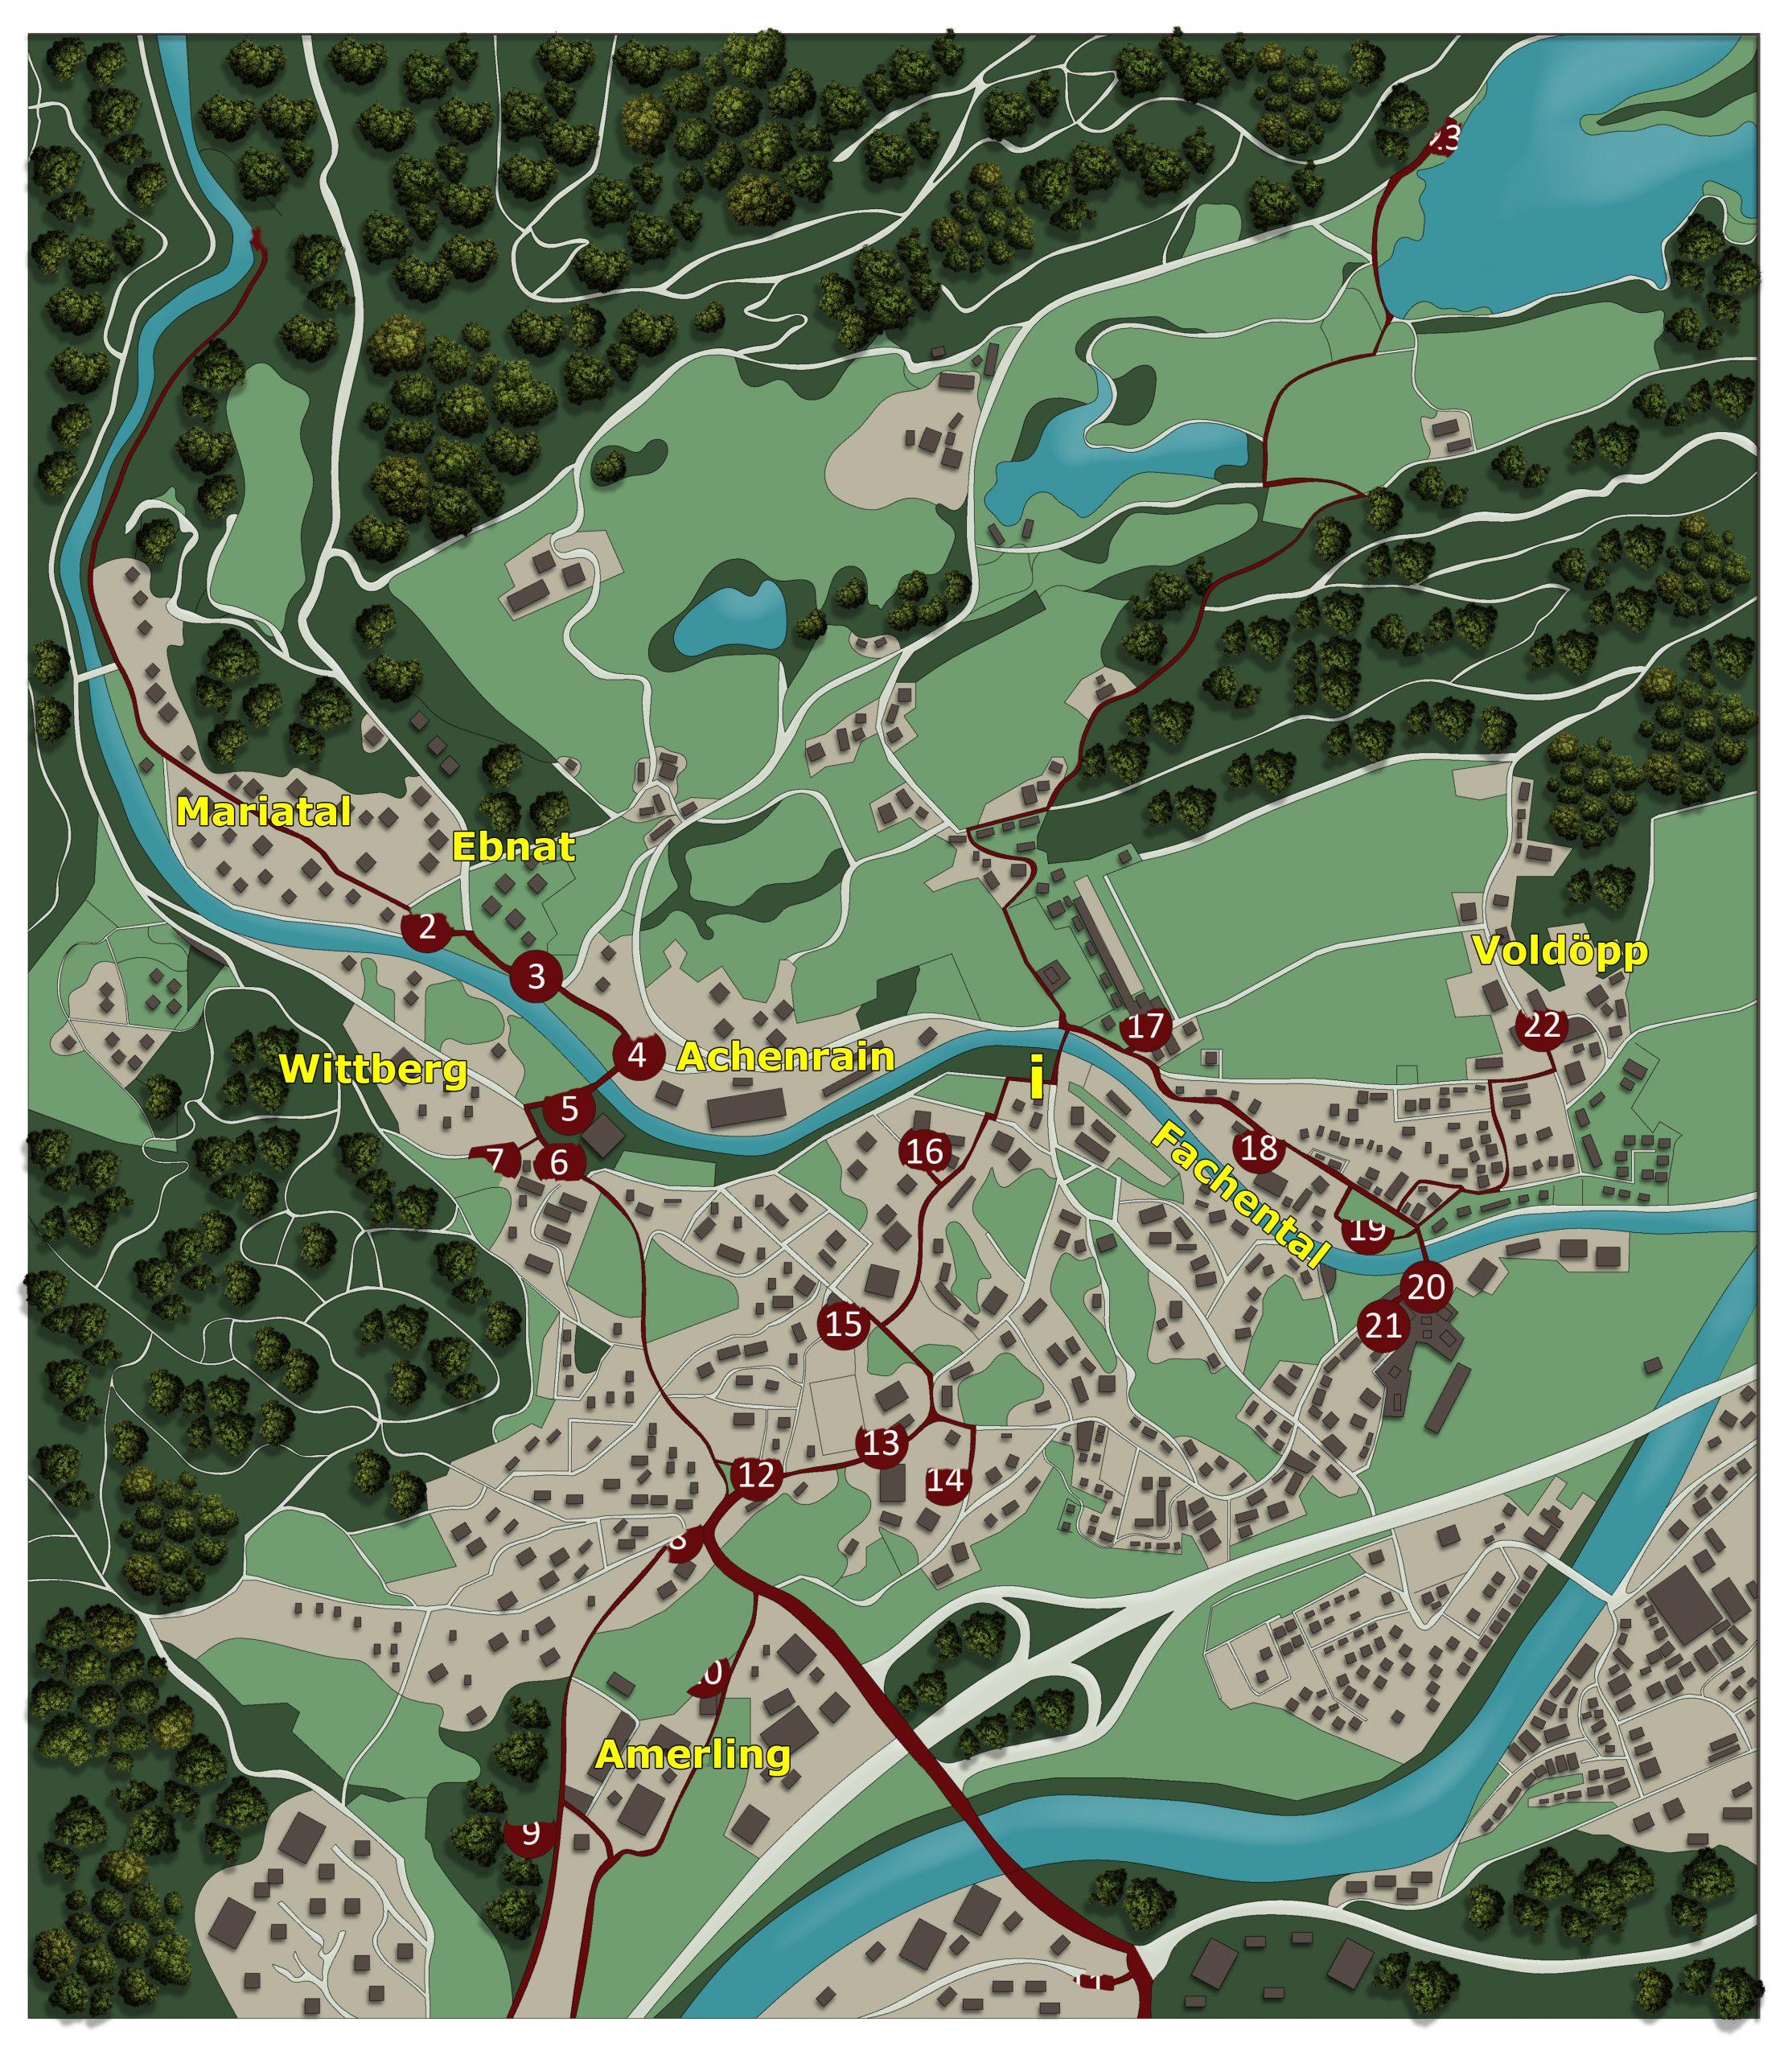 Wanderkarte mit allen Stationen für den Kunstwanderweg in Kramsach Tirol